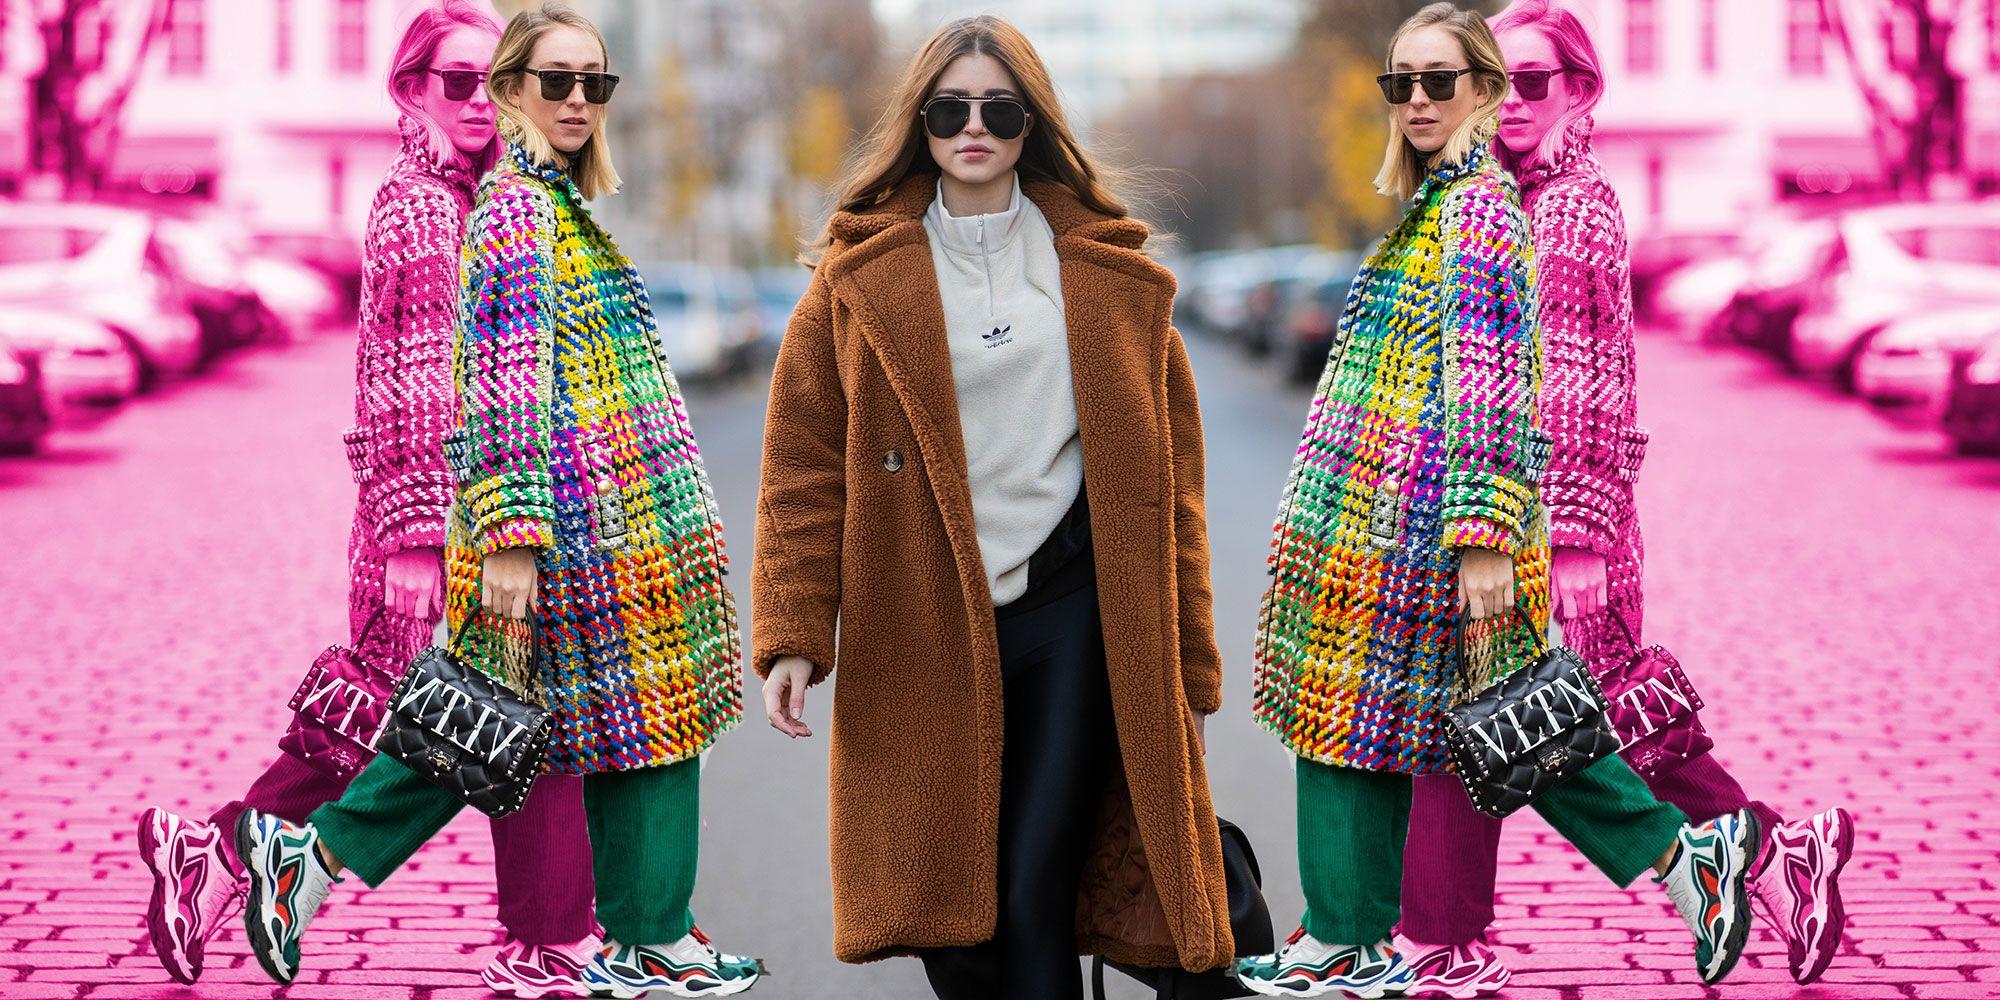 91ed79b641 Cappotti 2019, 5 tendenze della moda inverno